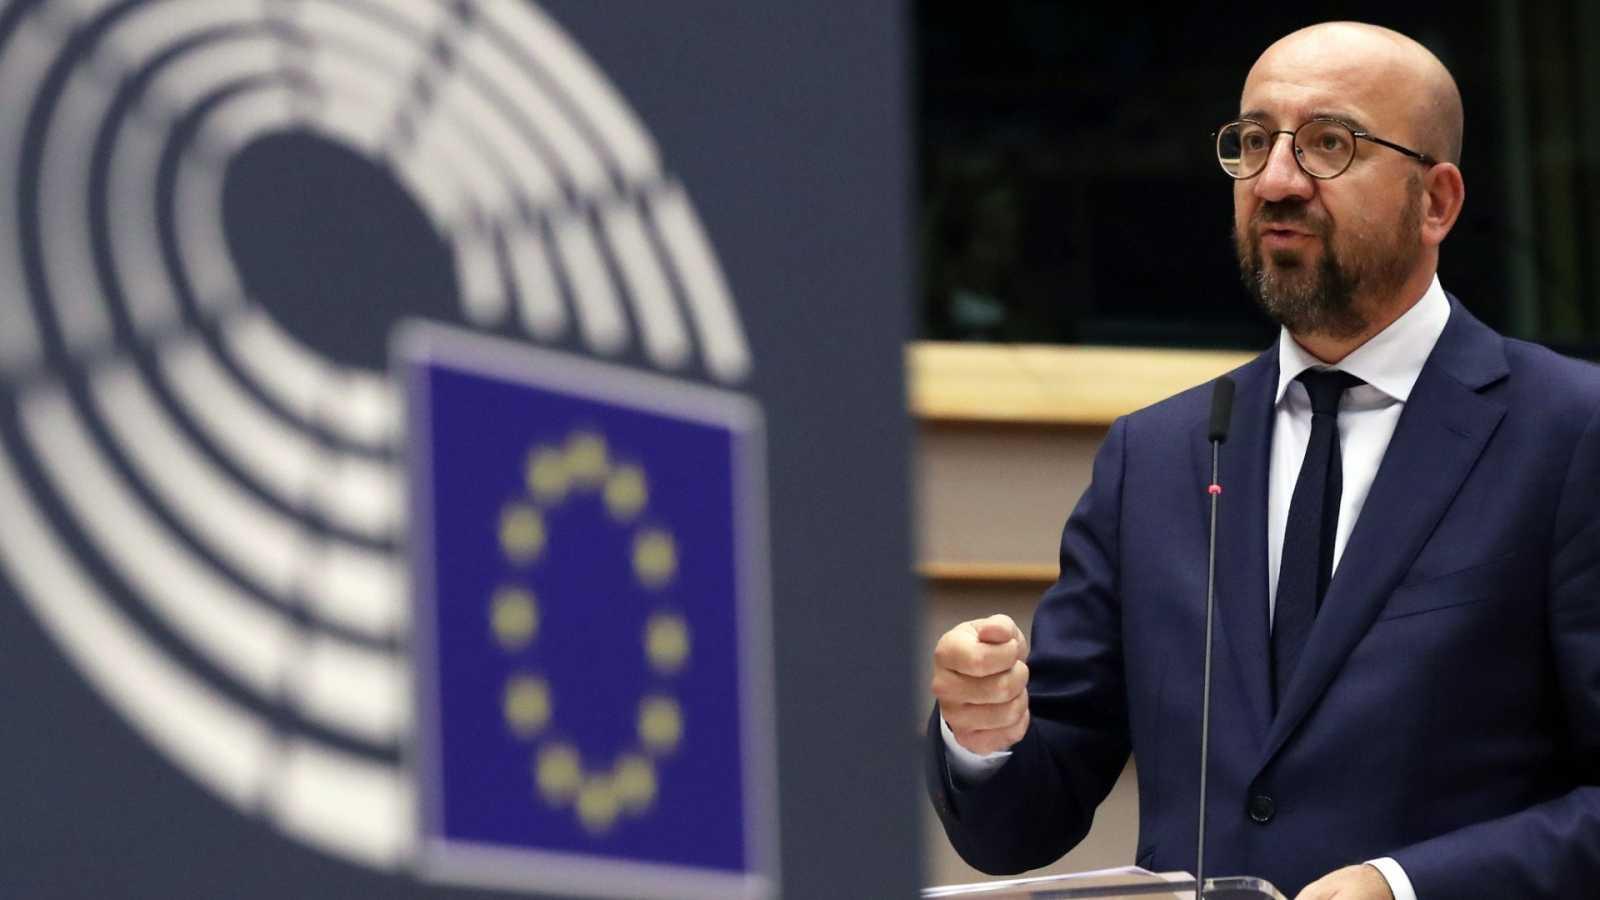 Michel propone reducir el presupuesto un 2 % y mantener un fondo de 750.000 millones